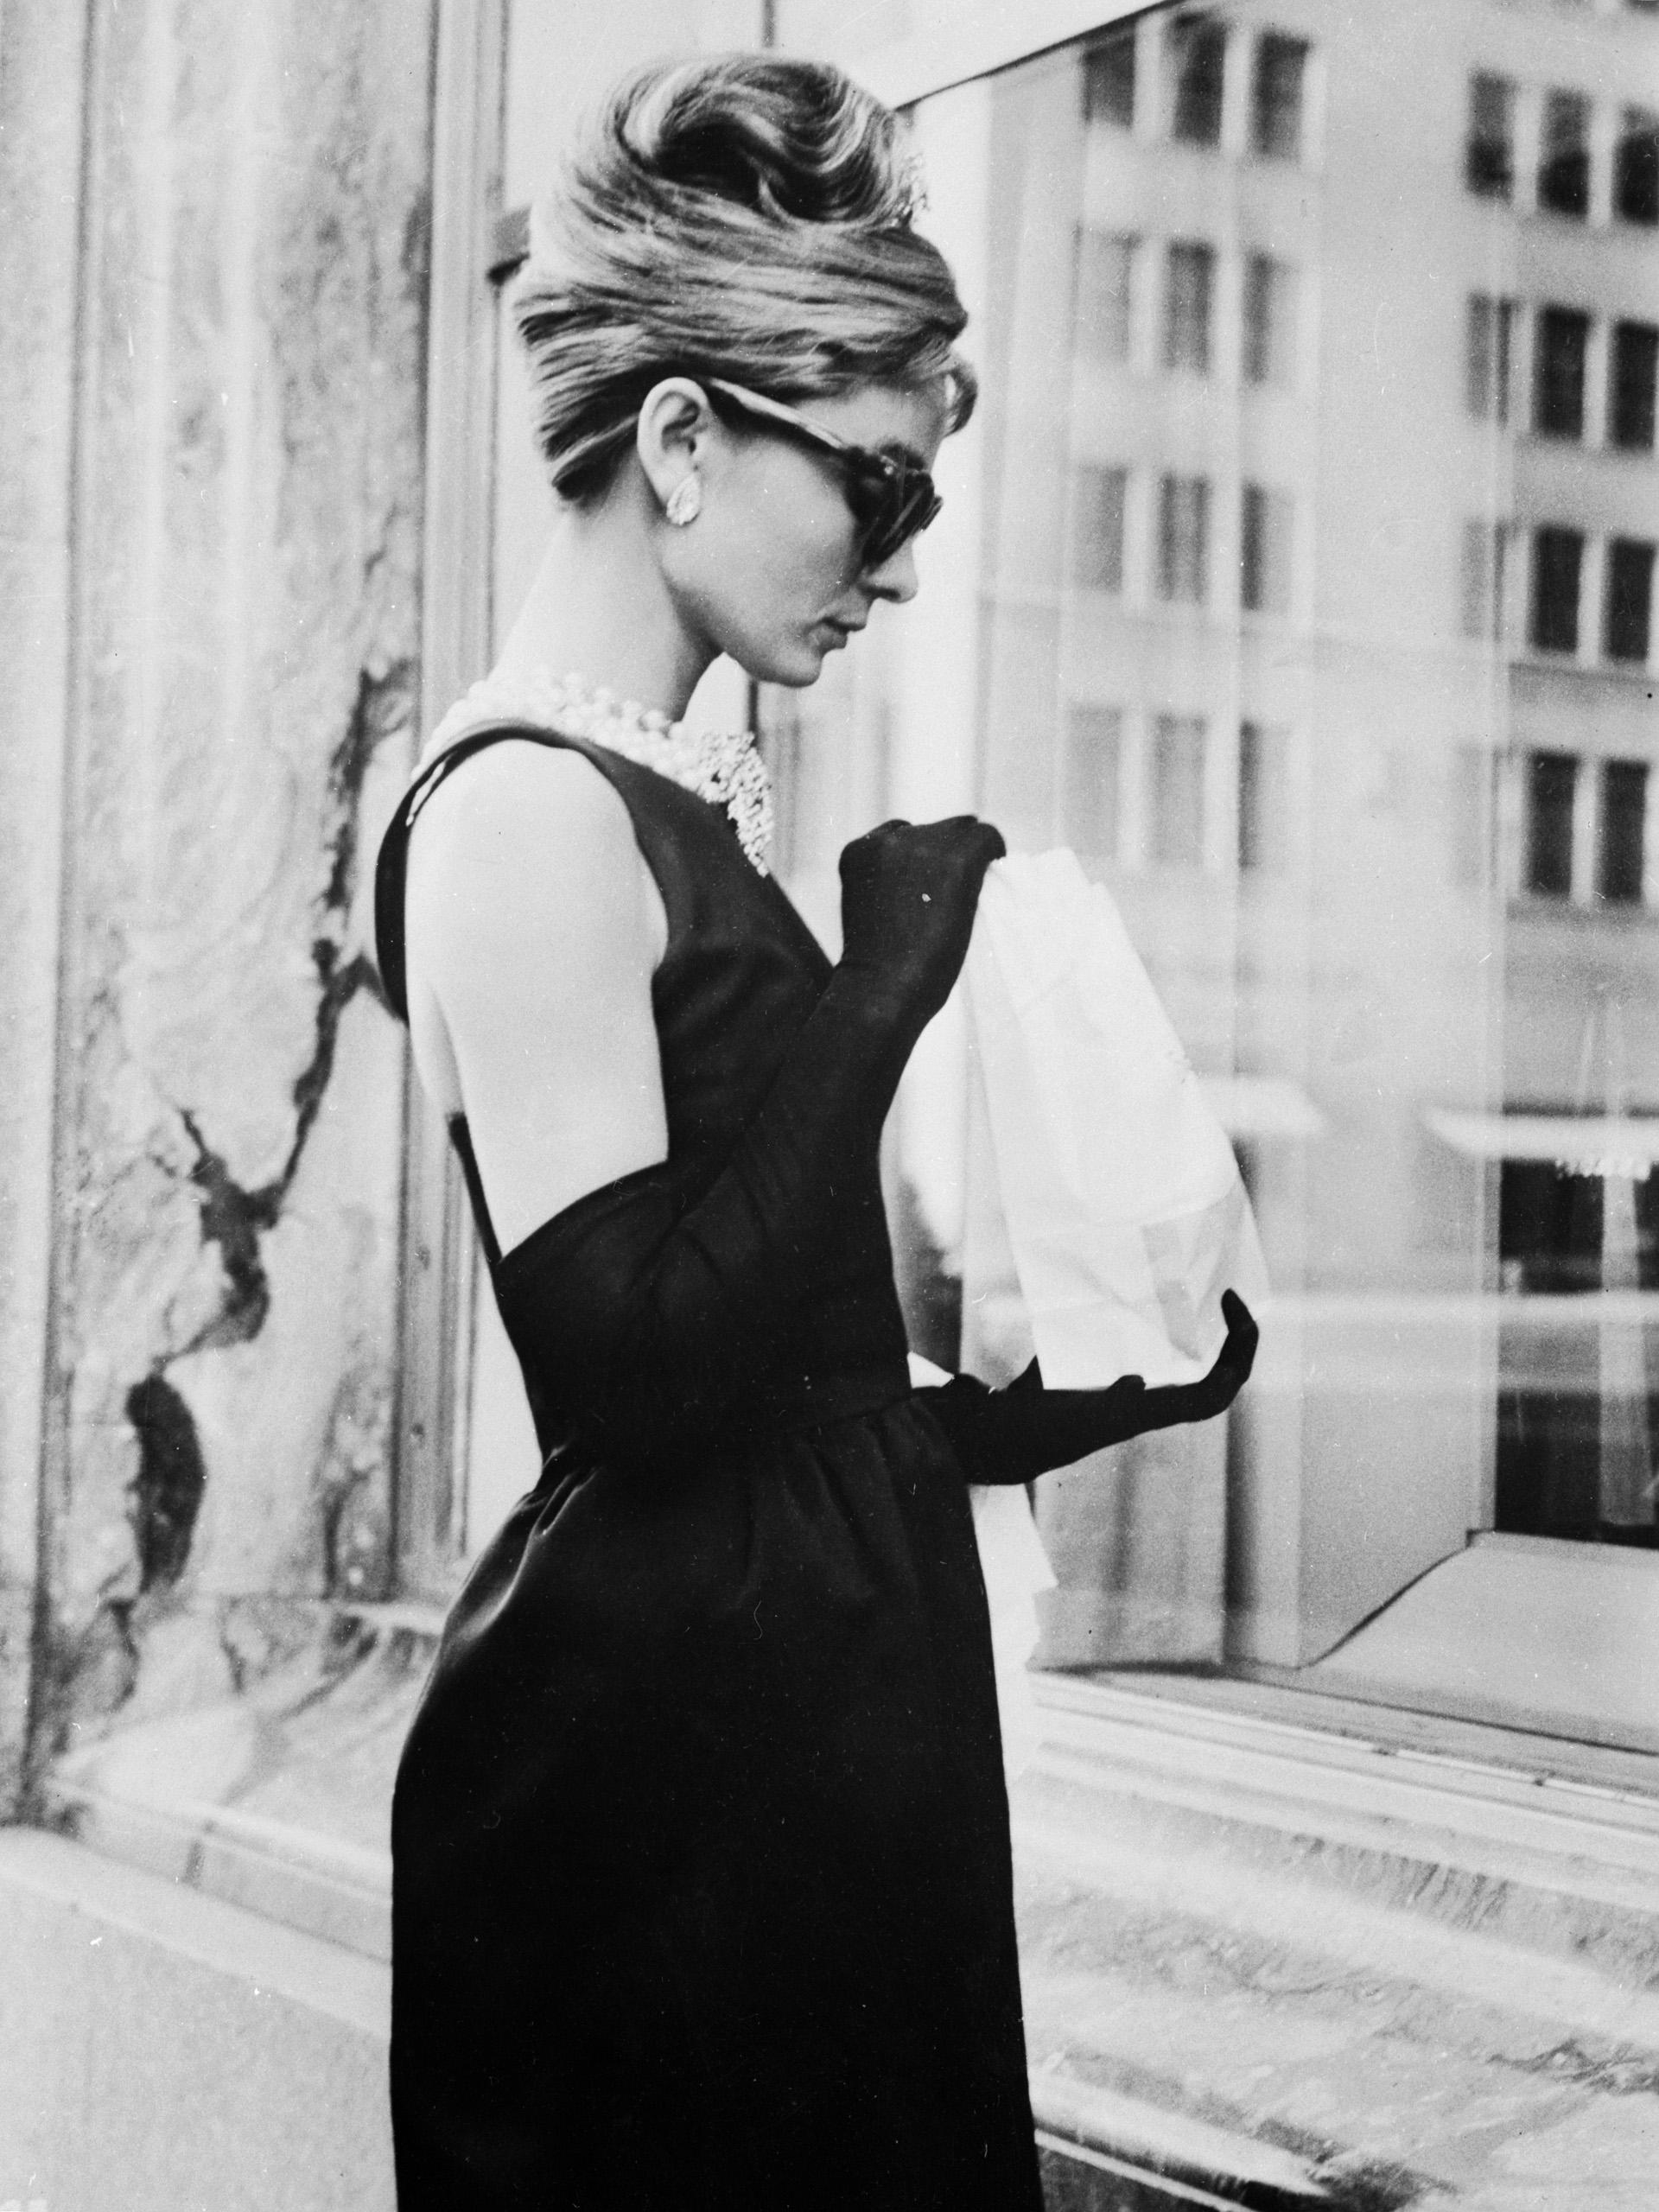 Audrey Hepburn filamando 'Desayuno en Tiffany' en 1961, un film que la catapultó a la fama internacional. Su look: el famosos vestido negro de Givenchy con su collar de perlas y anteojos cat eye, quedó instalado en la moda (Keystone Features/Getty Images)